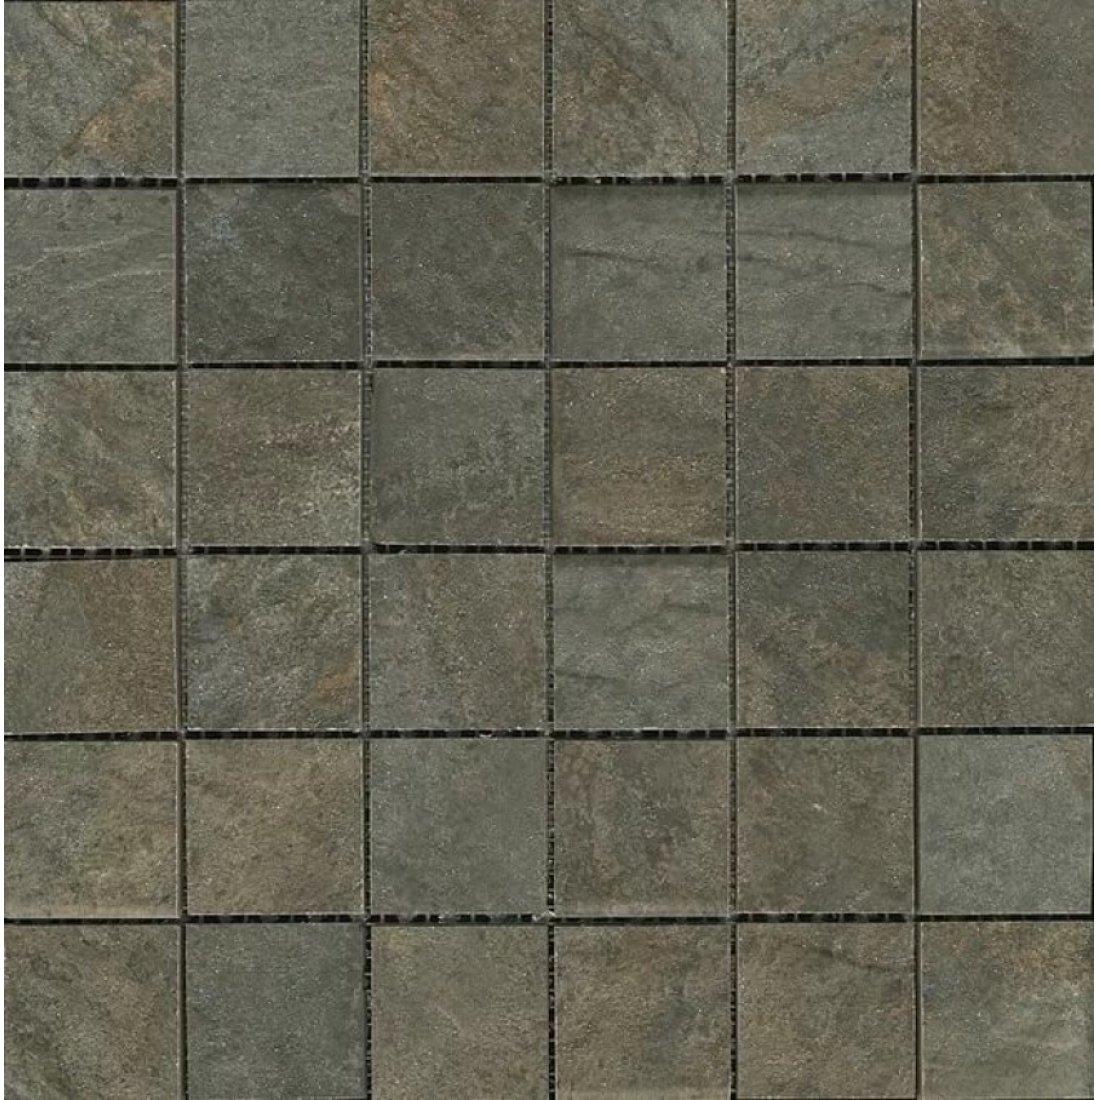 Сланец декор мозаичный(гранит) 30*30 керамический KERAMA MARAZZI, артикул SG173\002